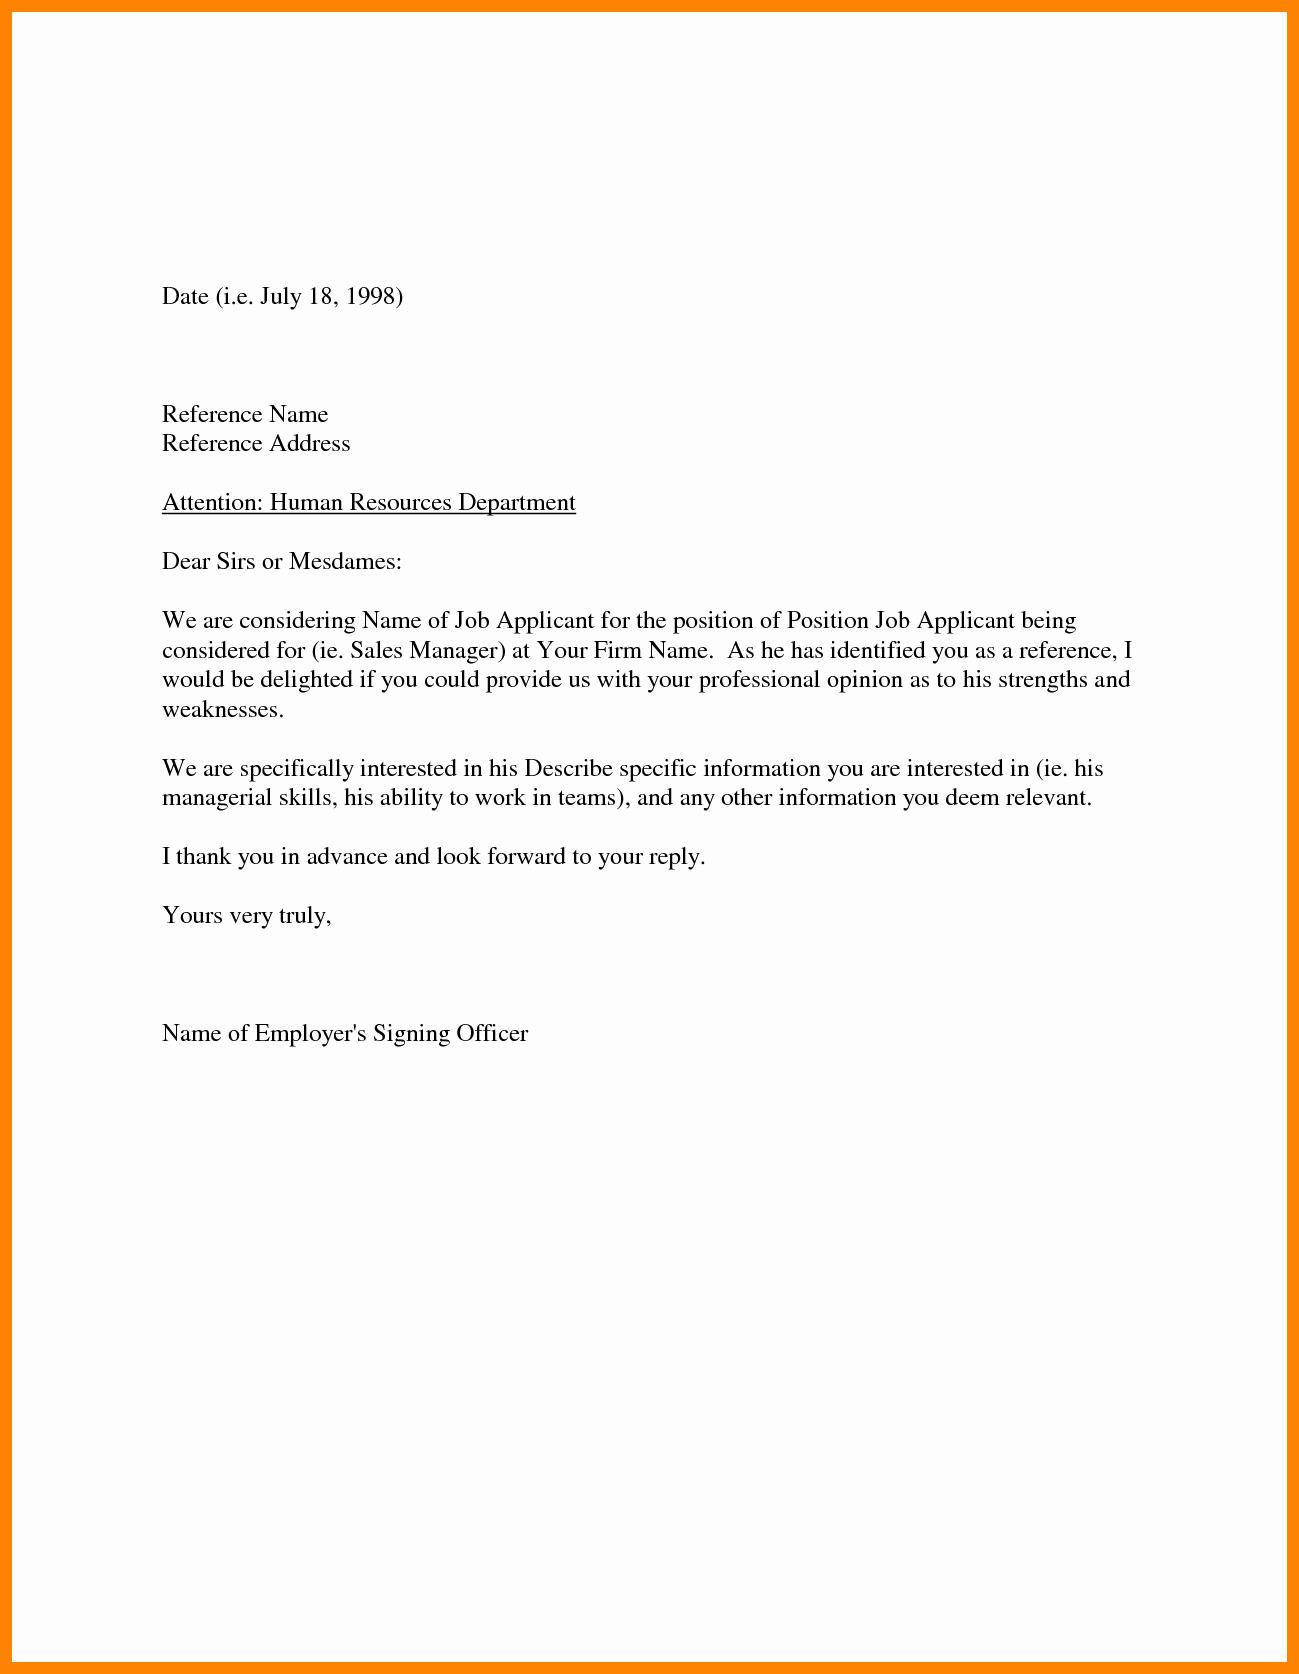 Referral Letter Sample for Employment Fresh Referral Letter Sample for Employment Cover Letter